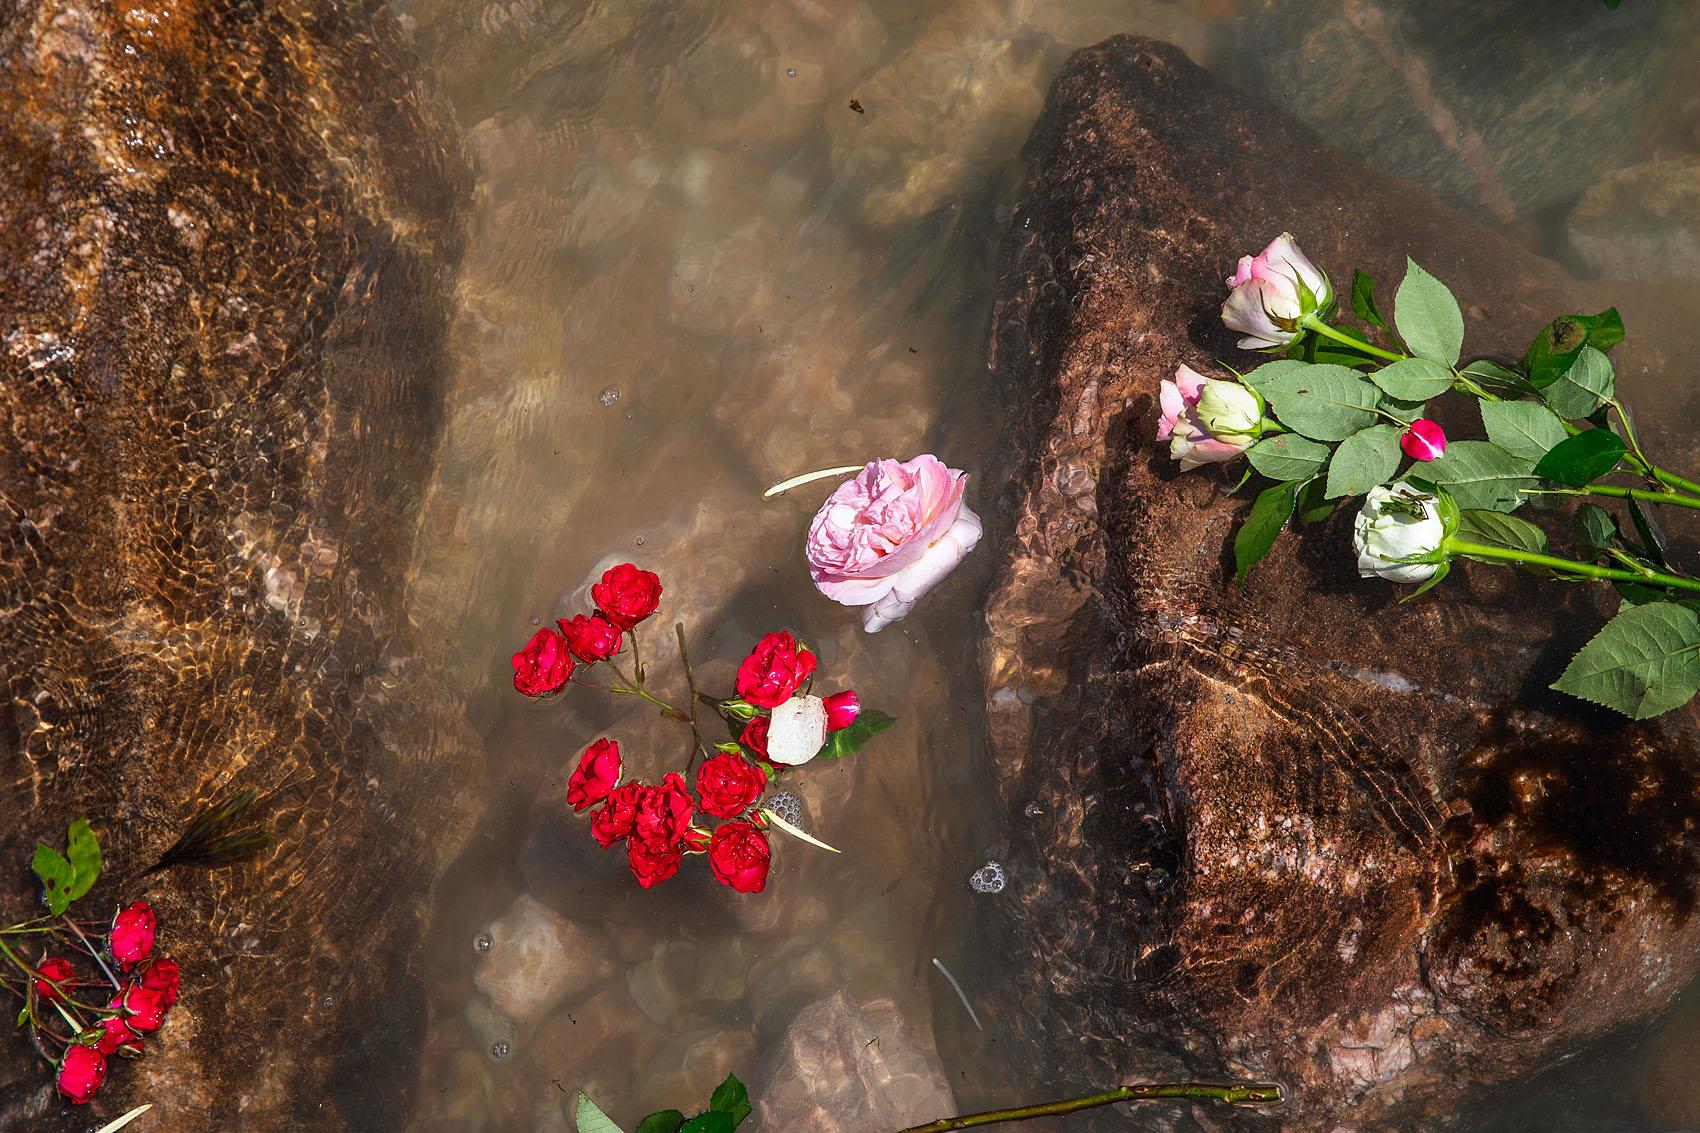 Les Sables d'Olonne, le 10 juin 2019. Les sablais sont venus déposer des fleurs sur le site du naufrage.